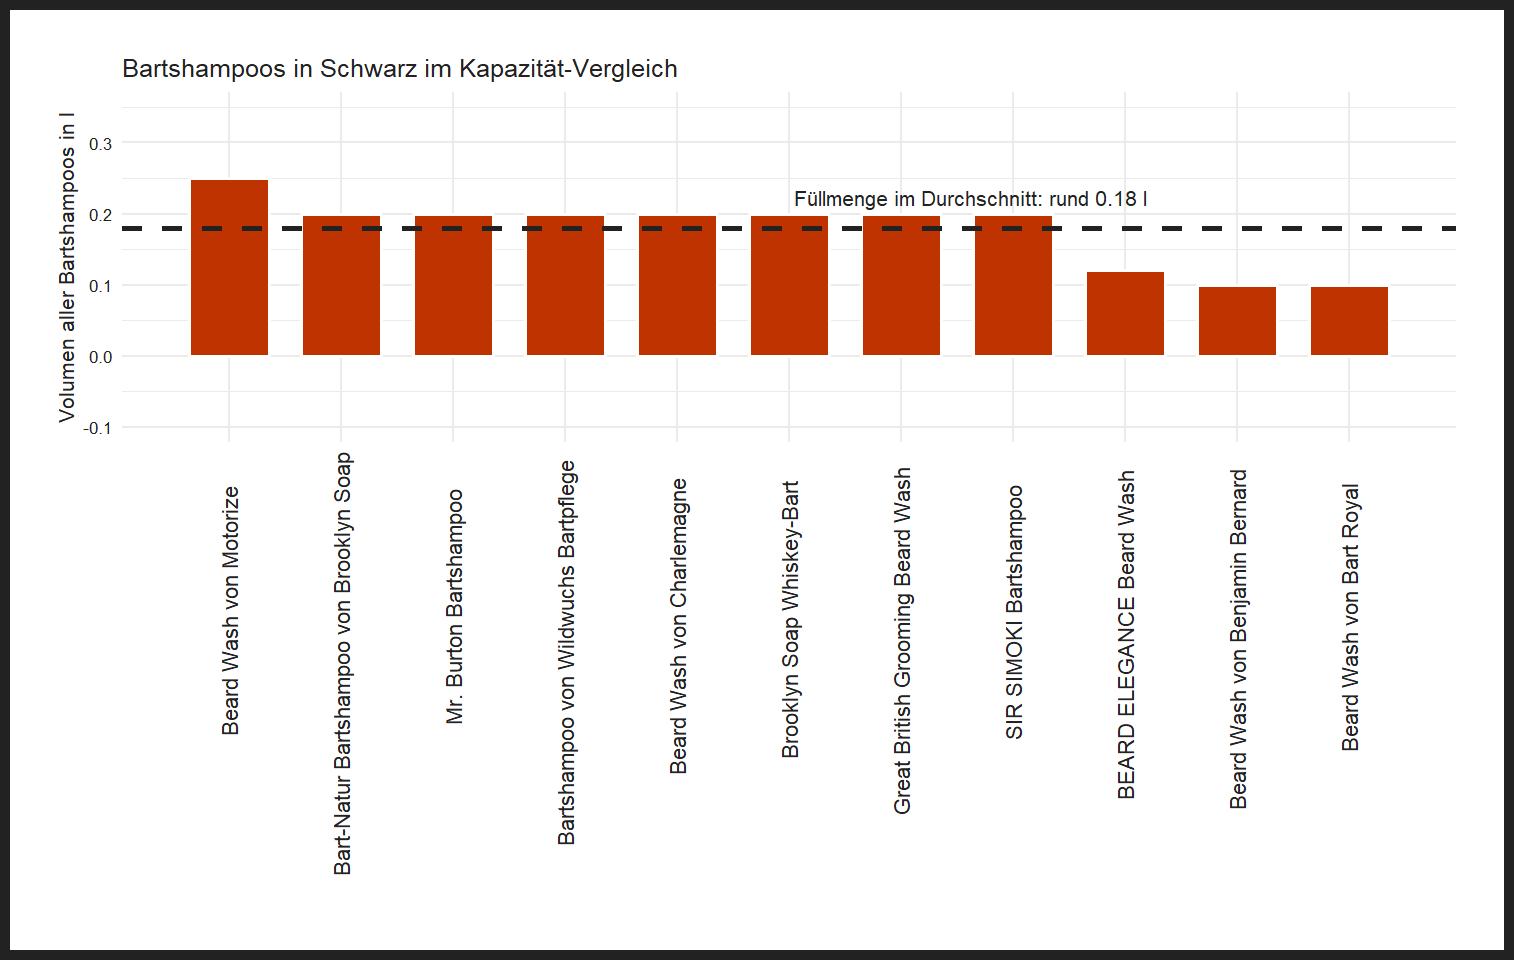 ausdifferenzierter Kapazität-Vergleich Bartshampoo Farbe